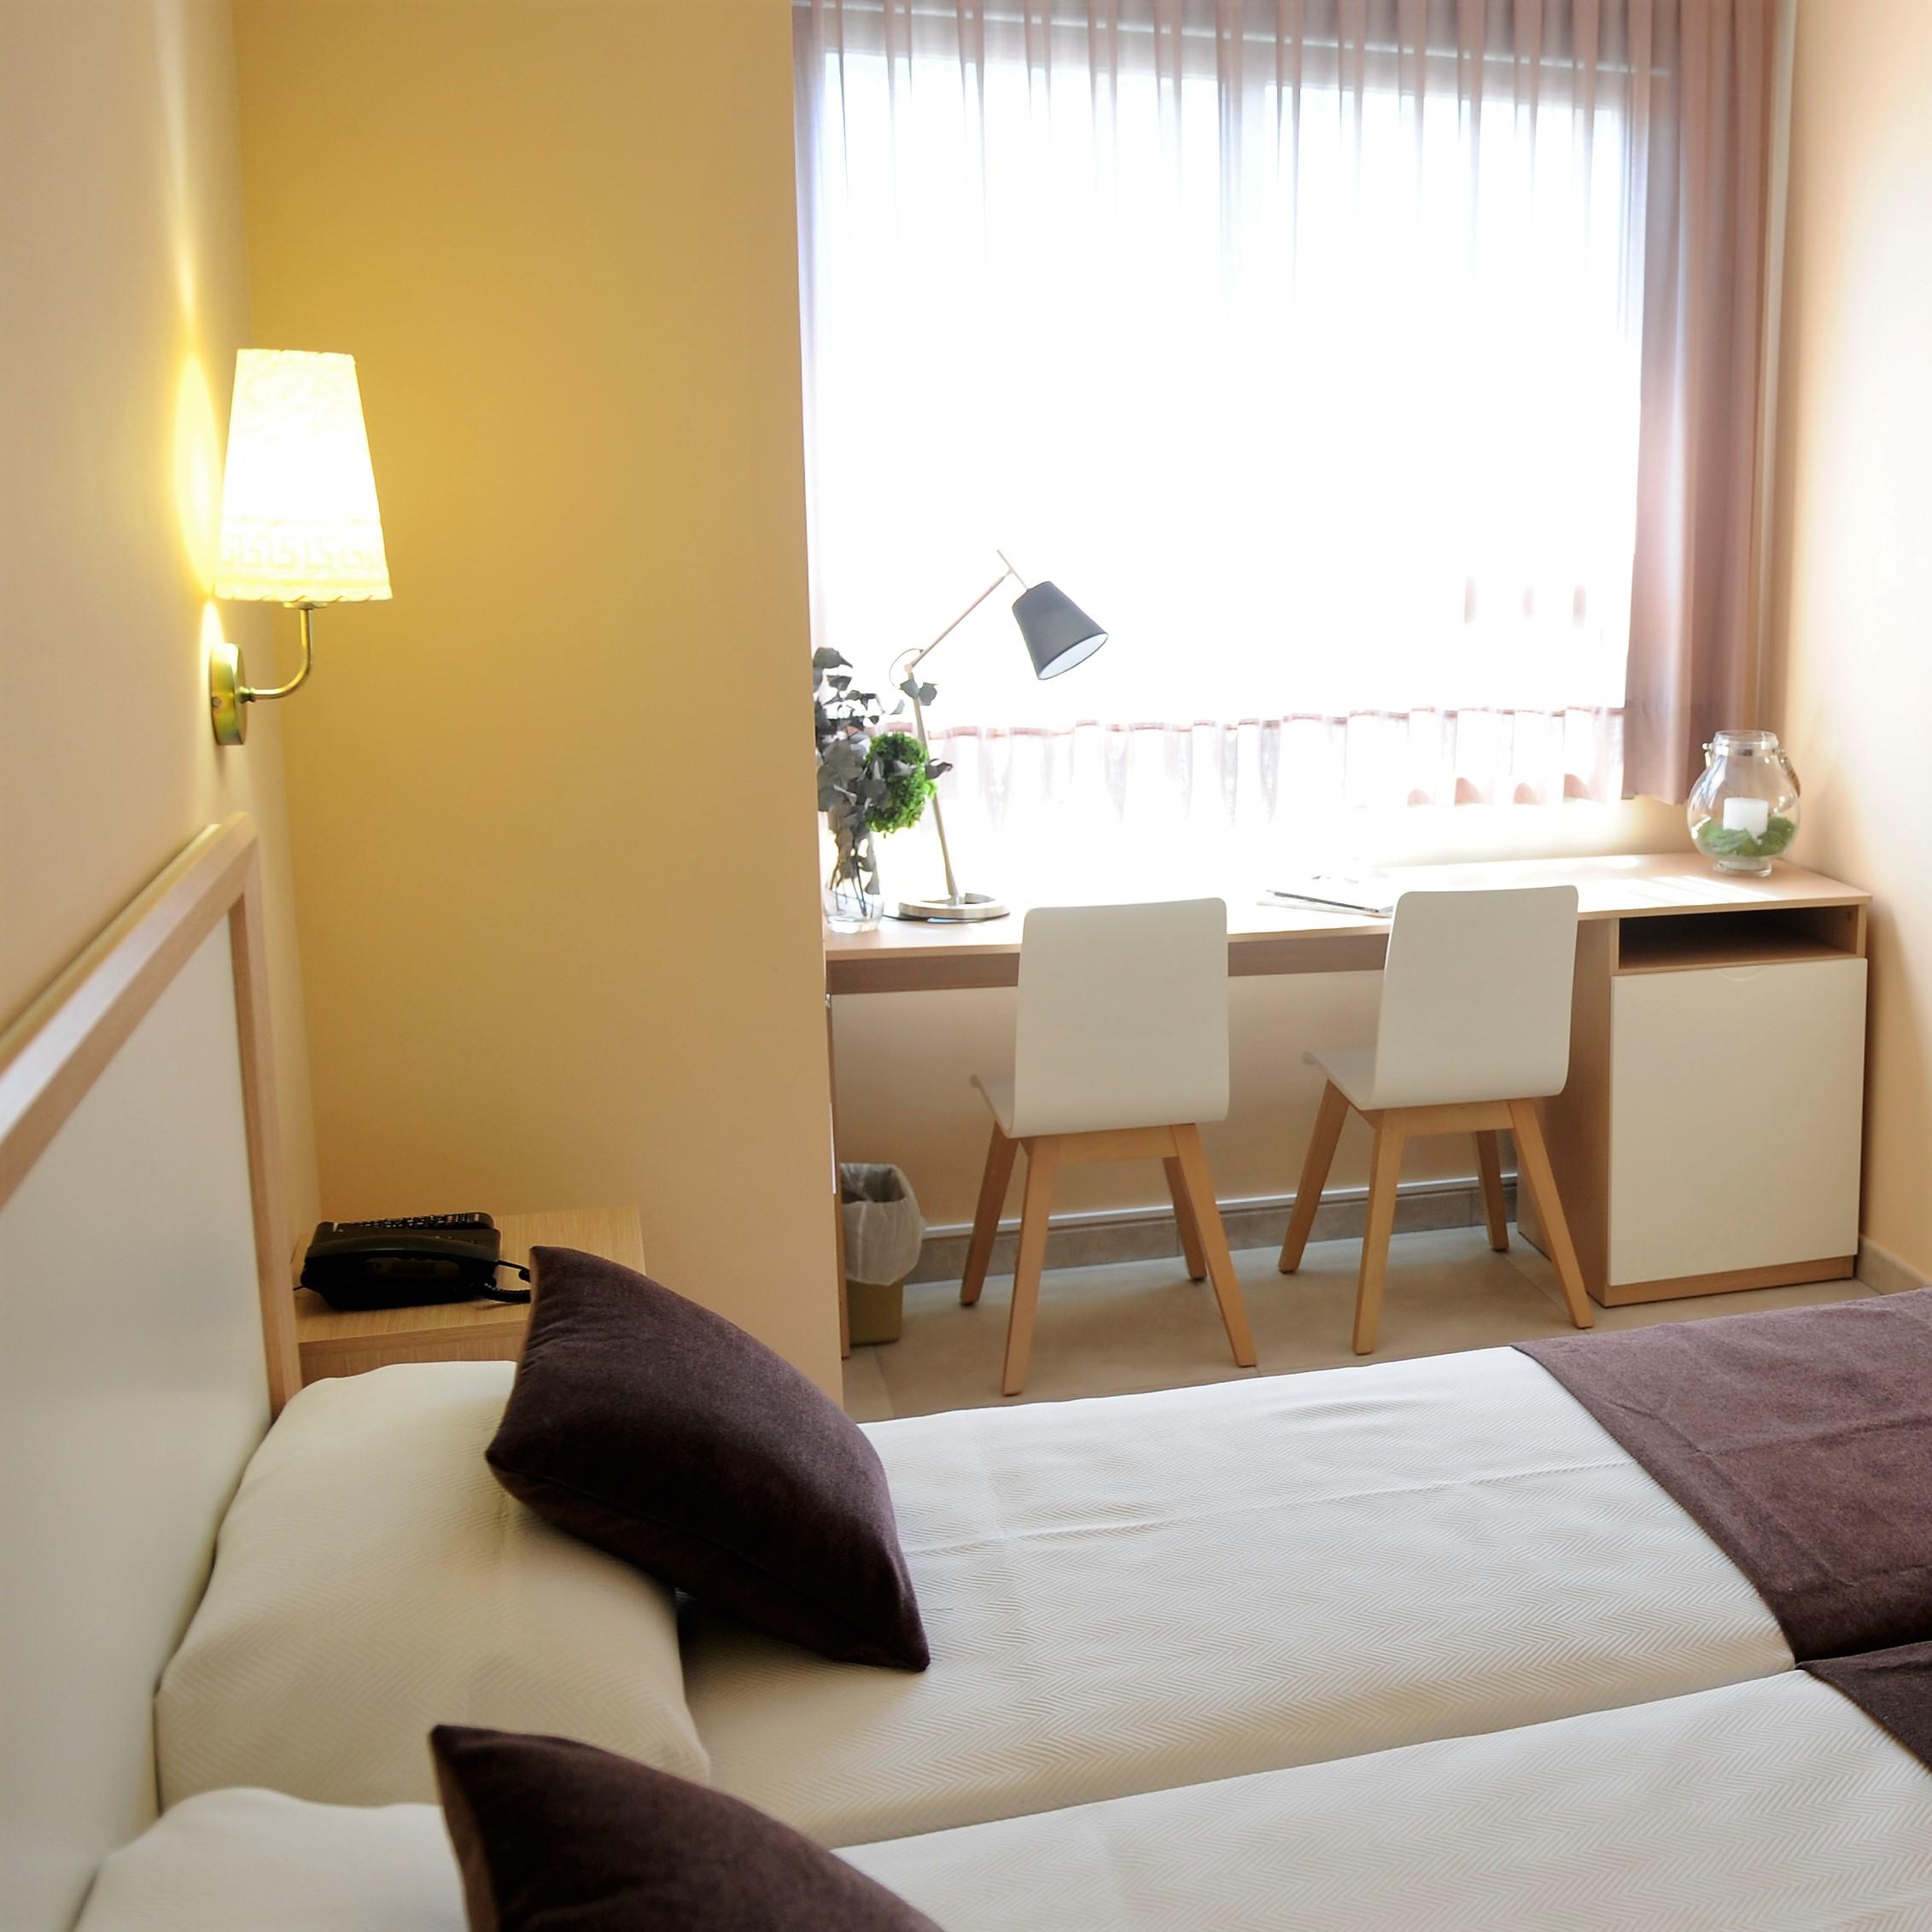 Hotel La City Mercado- APHA - Asociación de Hoteles y Alojamientos turísticos de la Provincia de Alicante 4